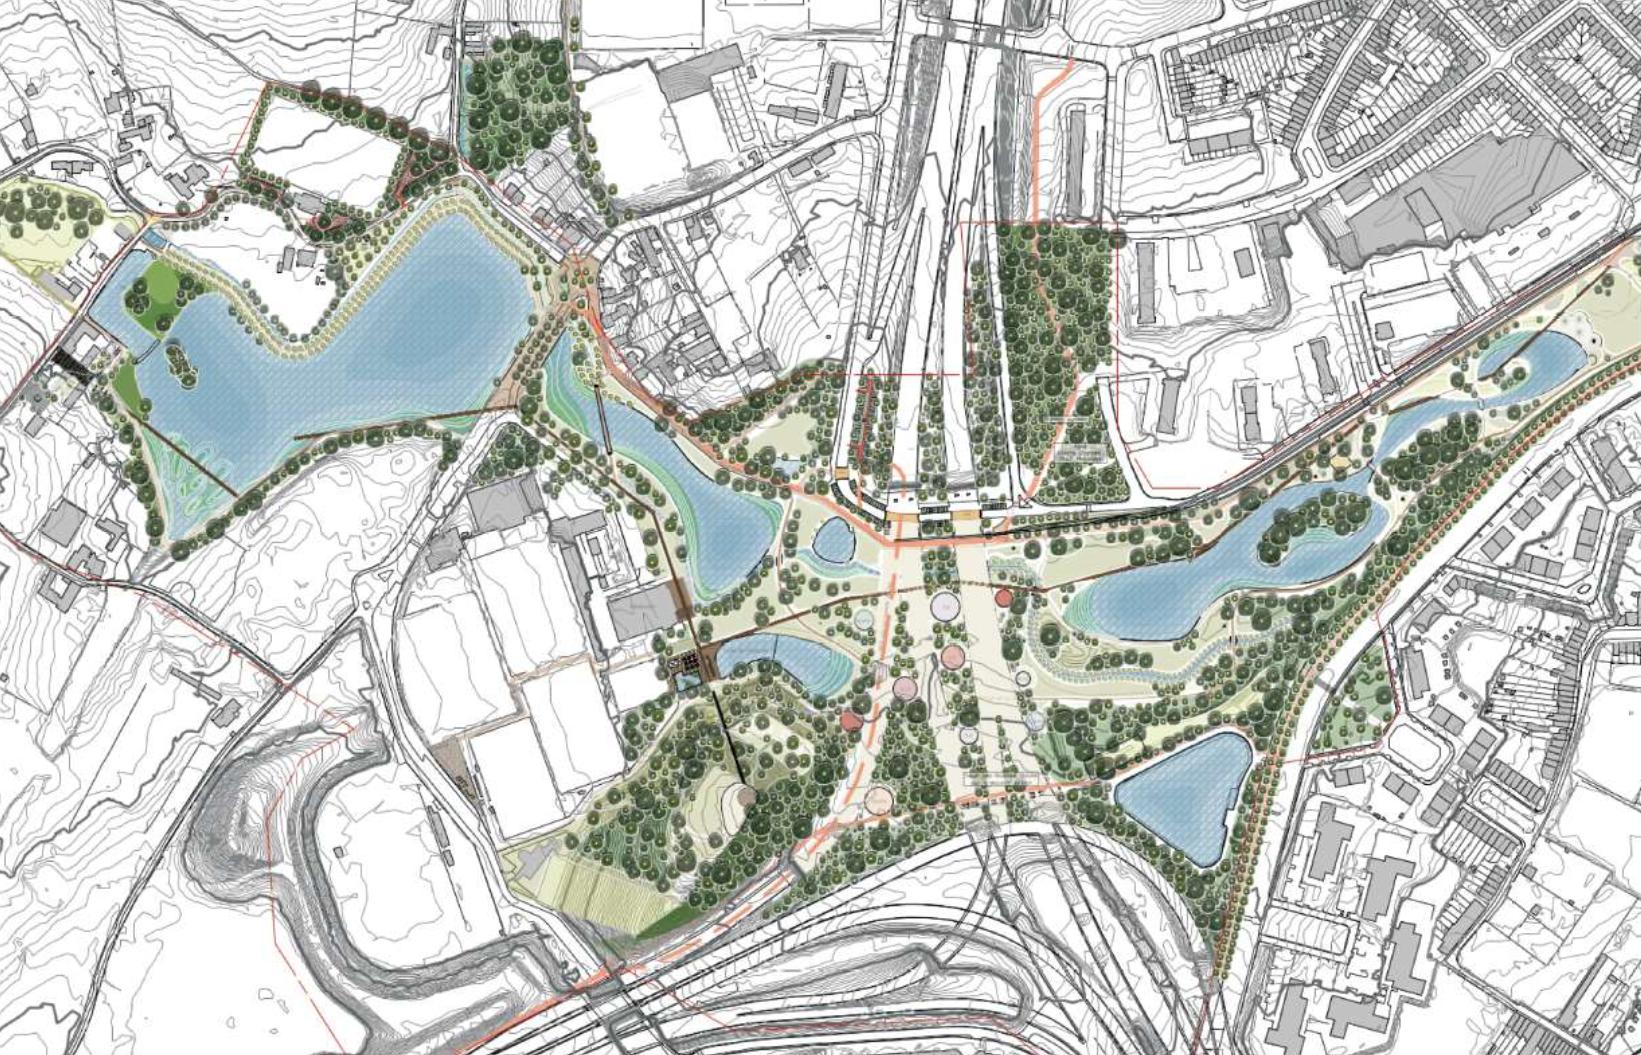 Operationeel plan voor Neerpede: de vele mogelijkheden van dit unieke gebied tussen stad en platteland ontwikkelen